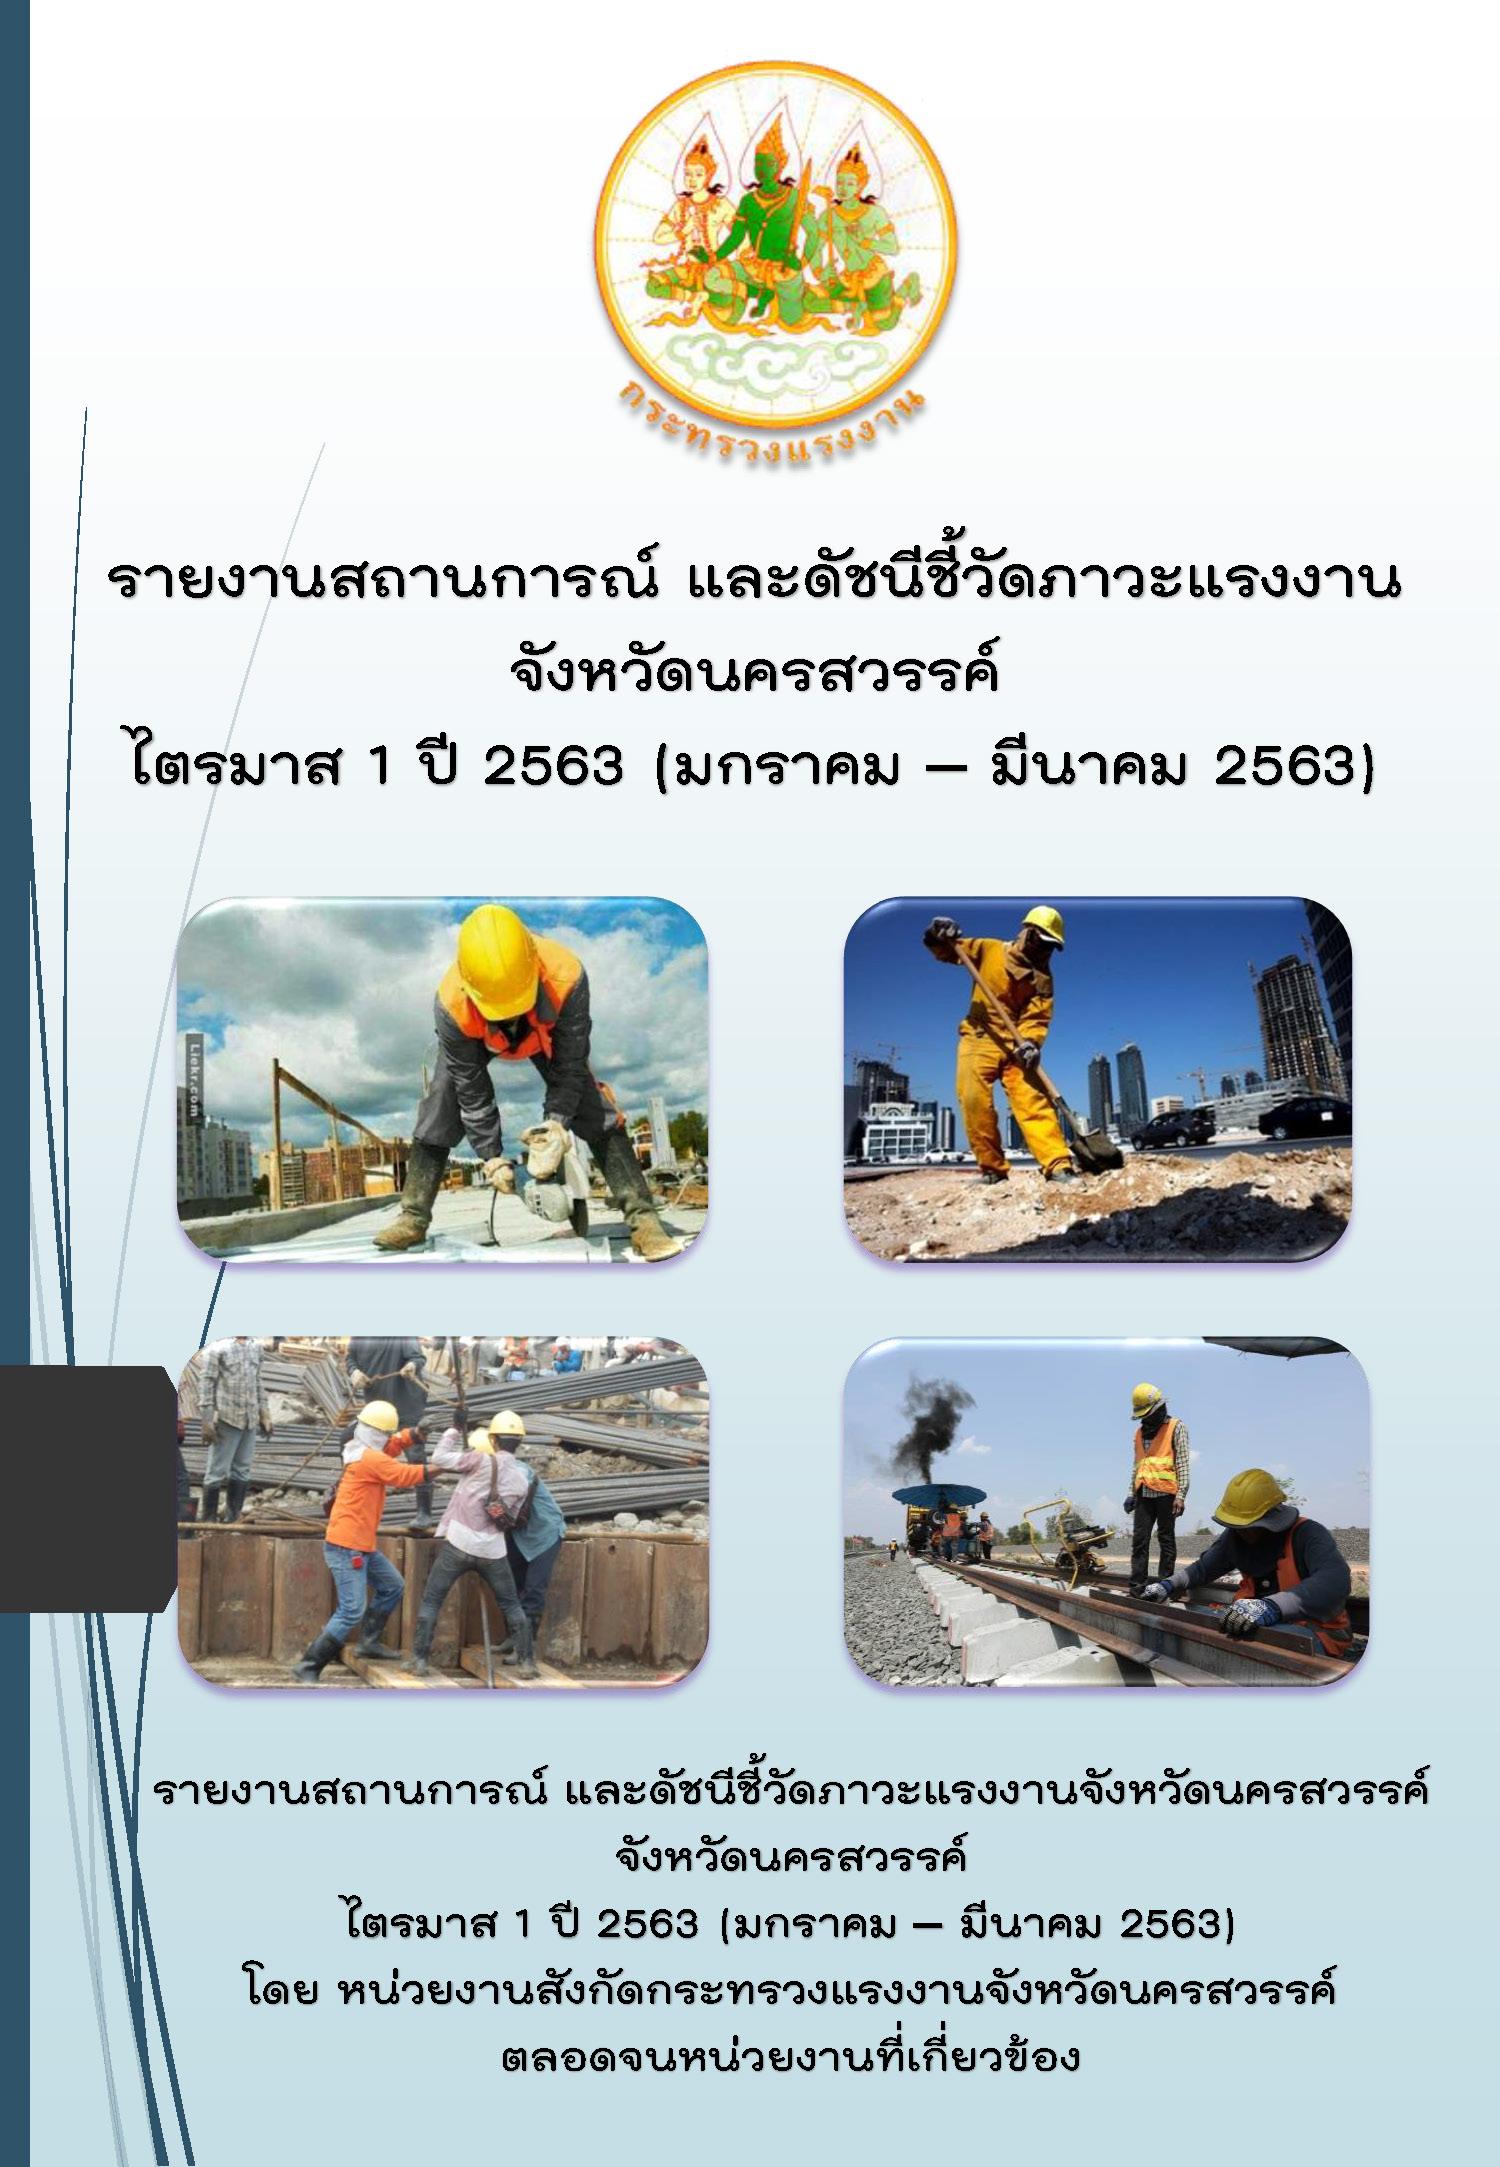 รายงานสถานการณ์และดัชนีชี้วัดภาวะแรงงานจังหวัดนครสวรรค์ ไตรมาส 1 ปี 2563 (มกราคม – มีนาคม 2563)